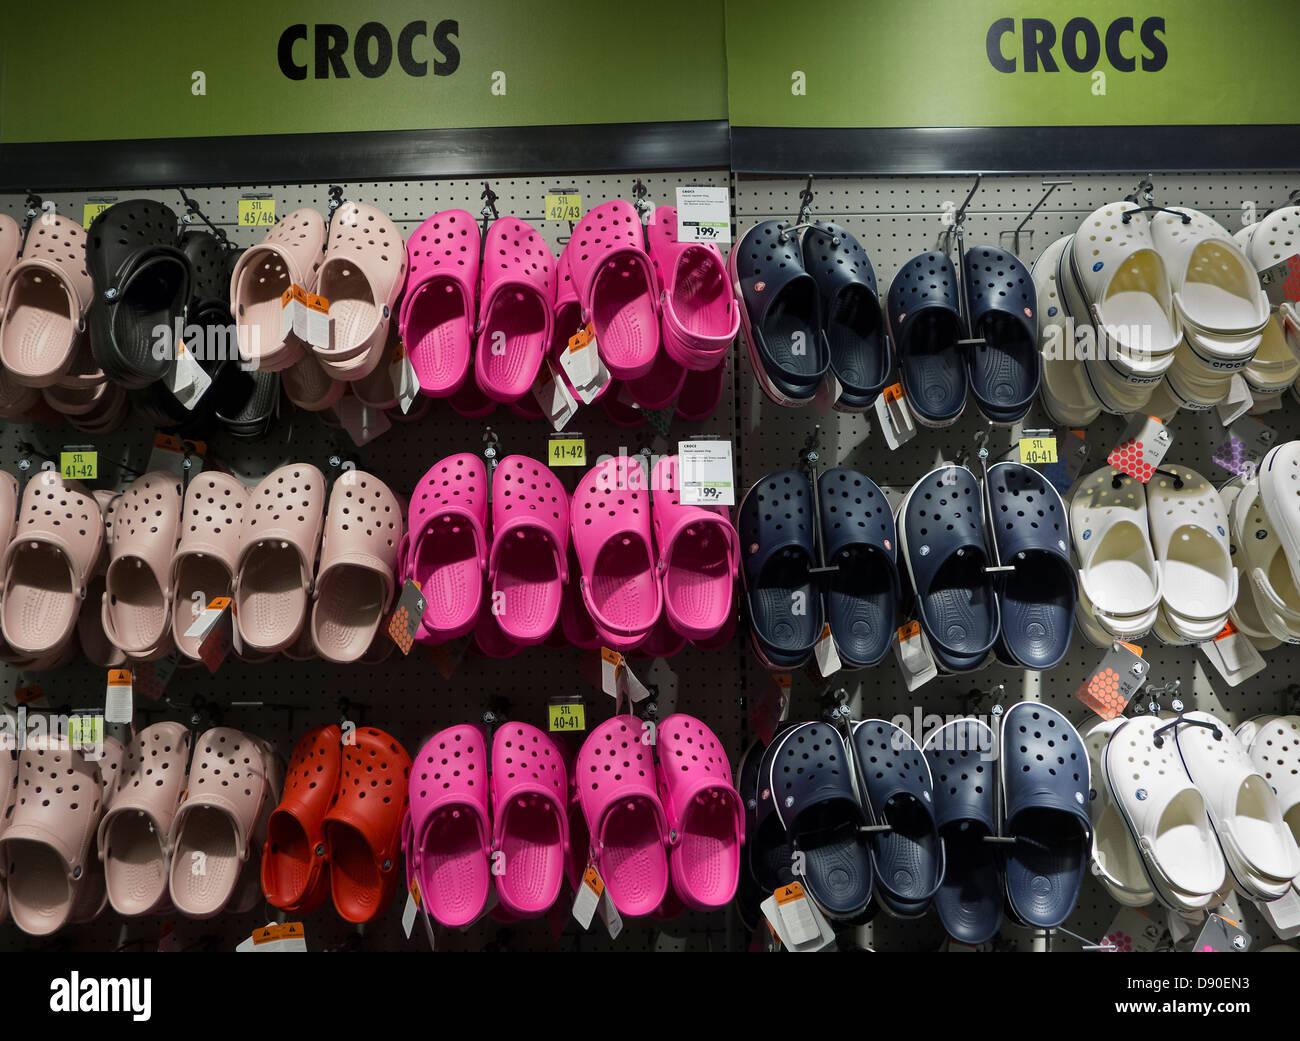 7ca404ff4fe Chaussures Crocs sur stand dans un magasin de chaussures. Photo Stock